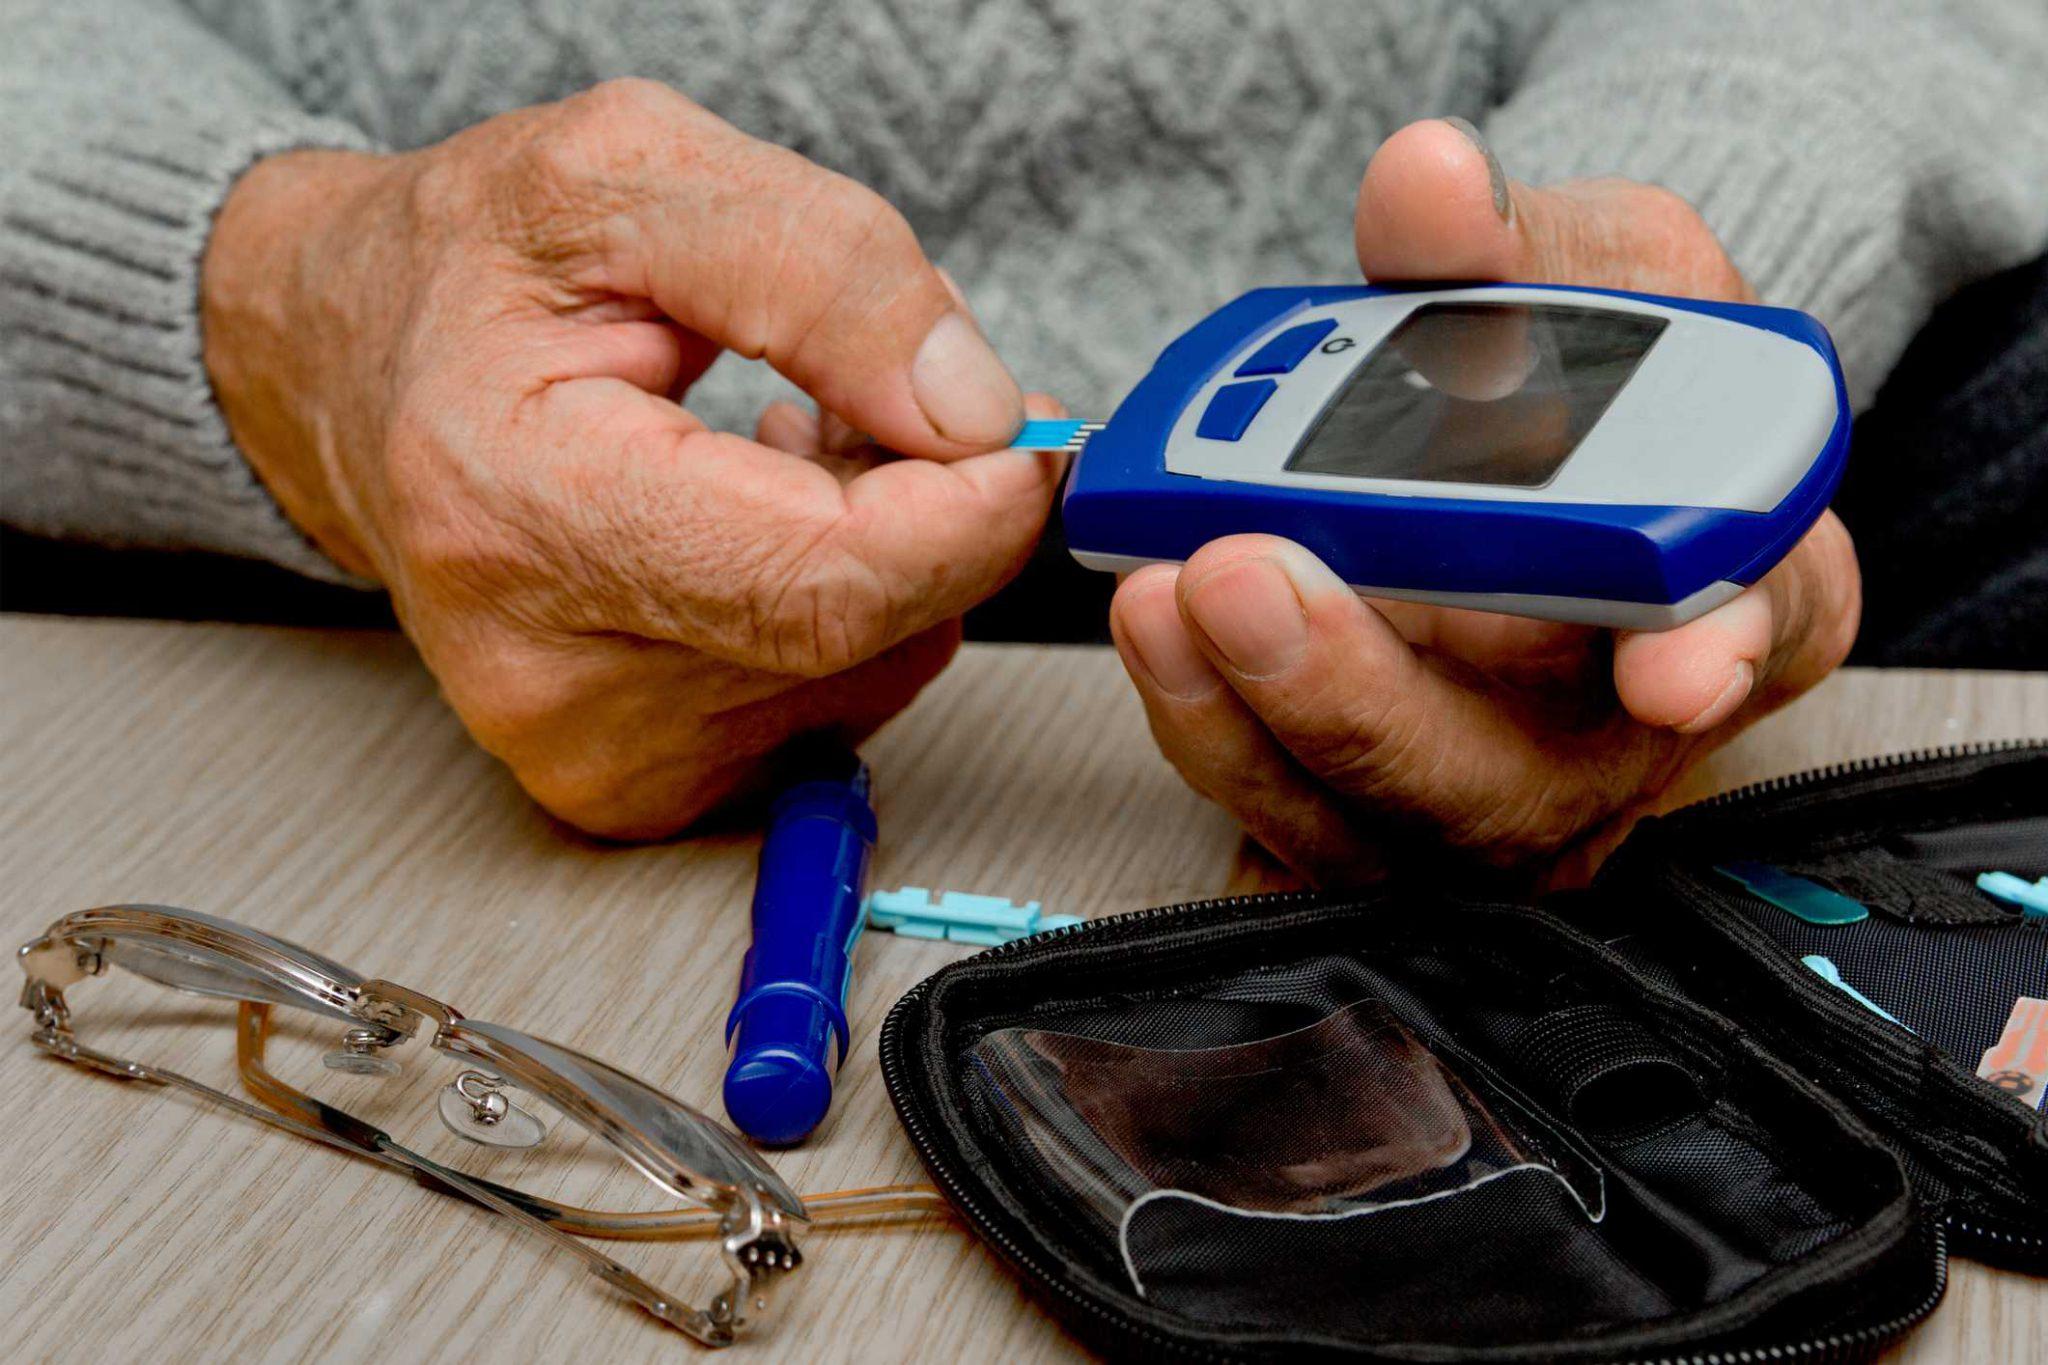 t2 diabetes cure inglaterra